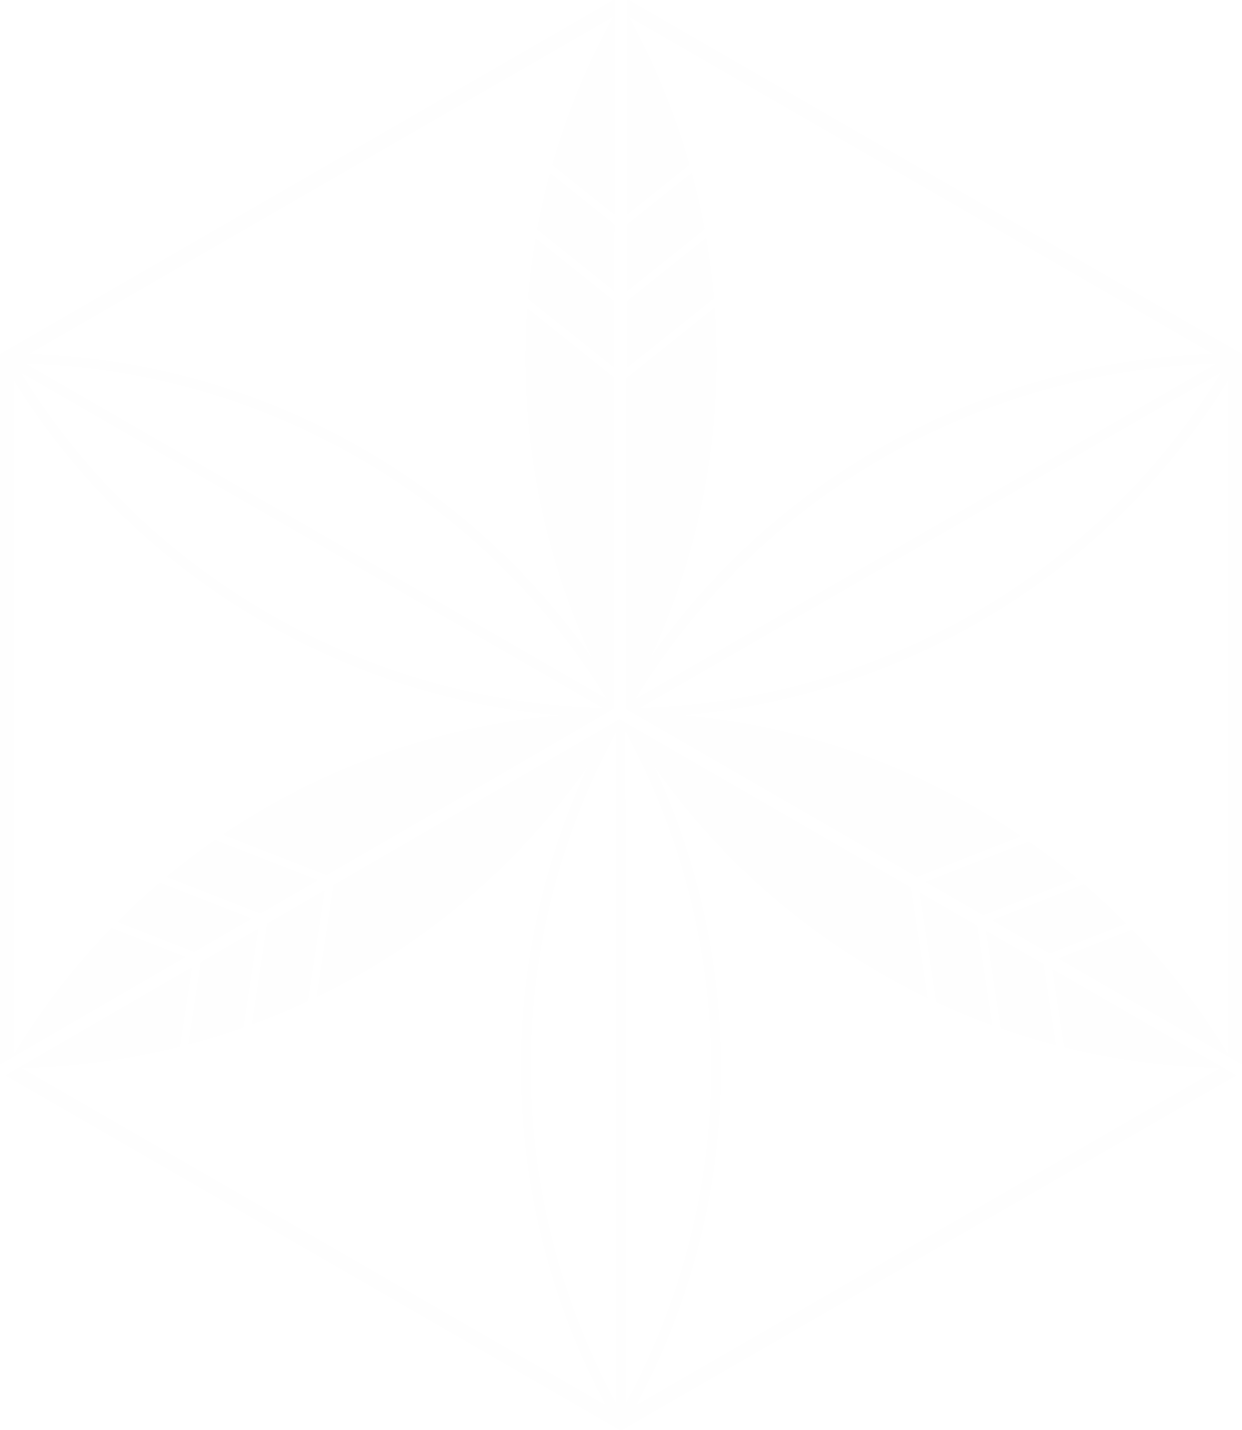 Лого агентства гармоничных пространств Ивана Тюрина